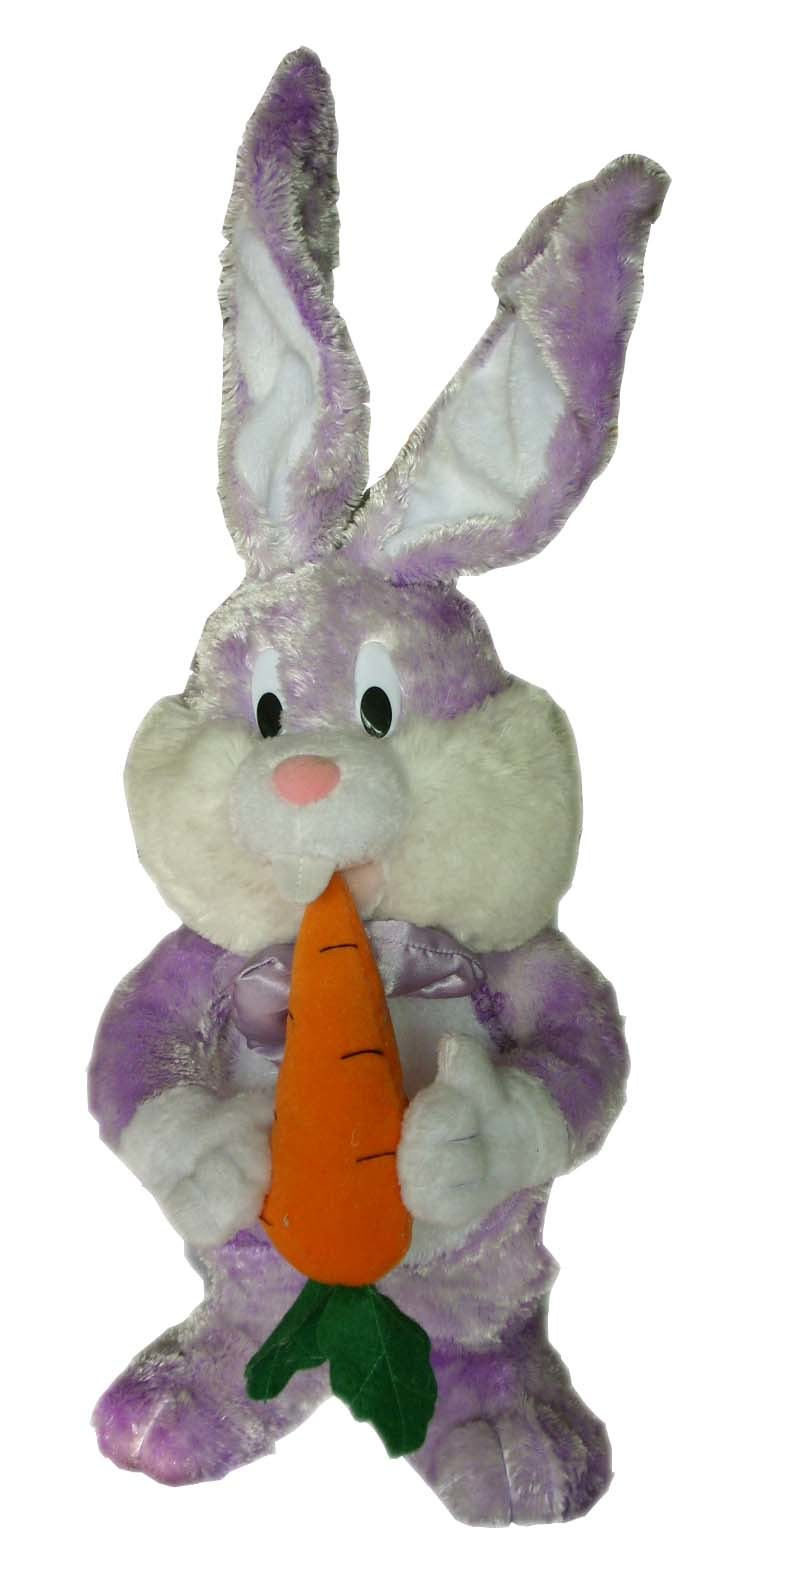 Plush Toys Product : China plush carrot rabbit toys be soft toy